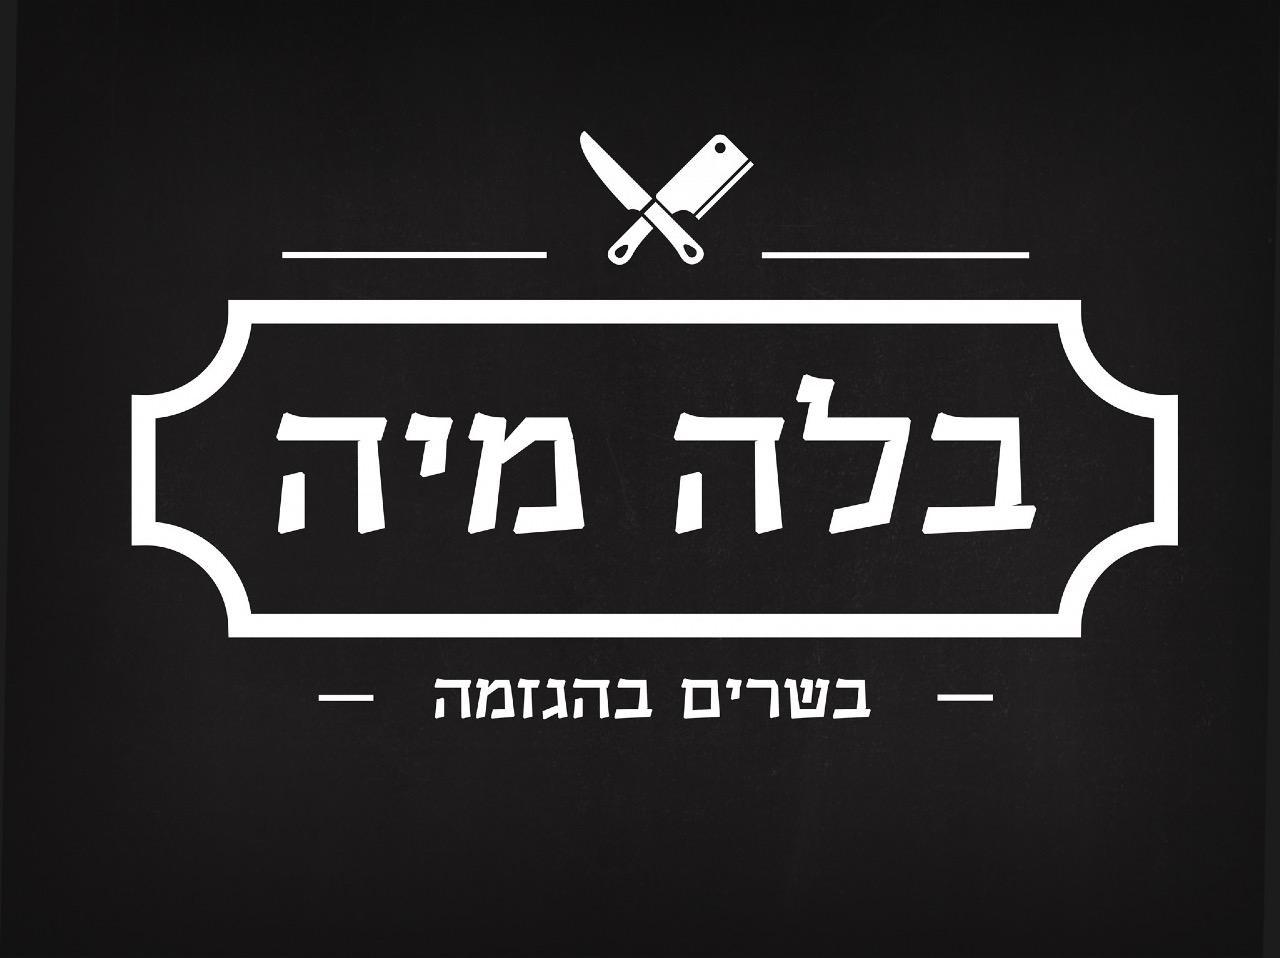 בלה מיה בשרים בהגזמה לוגו